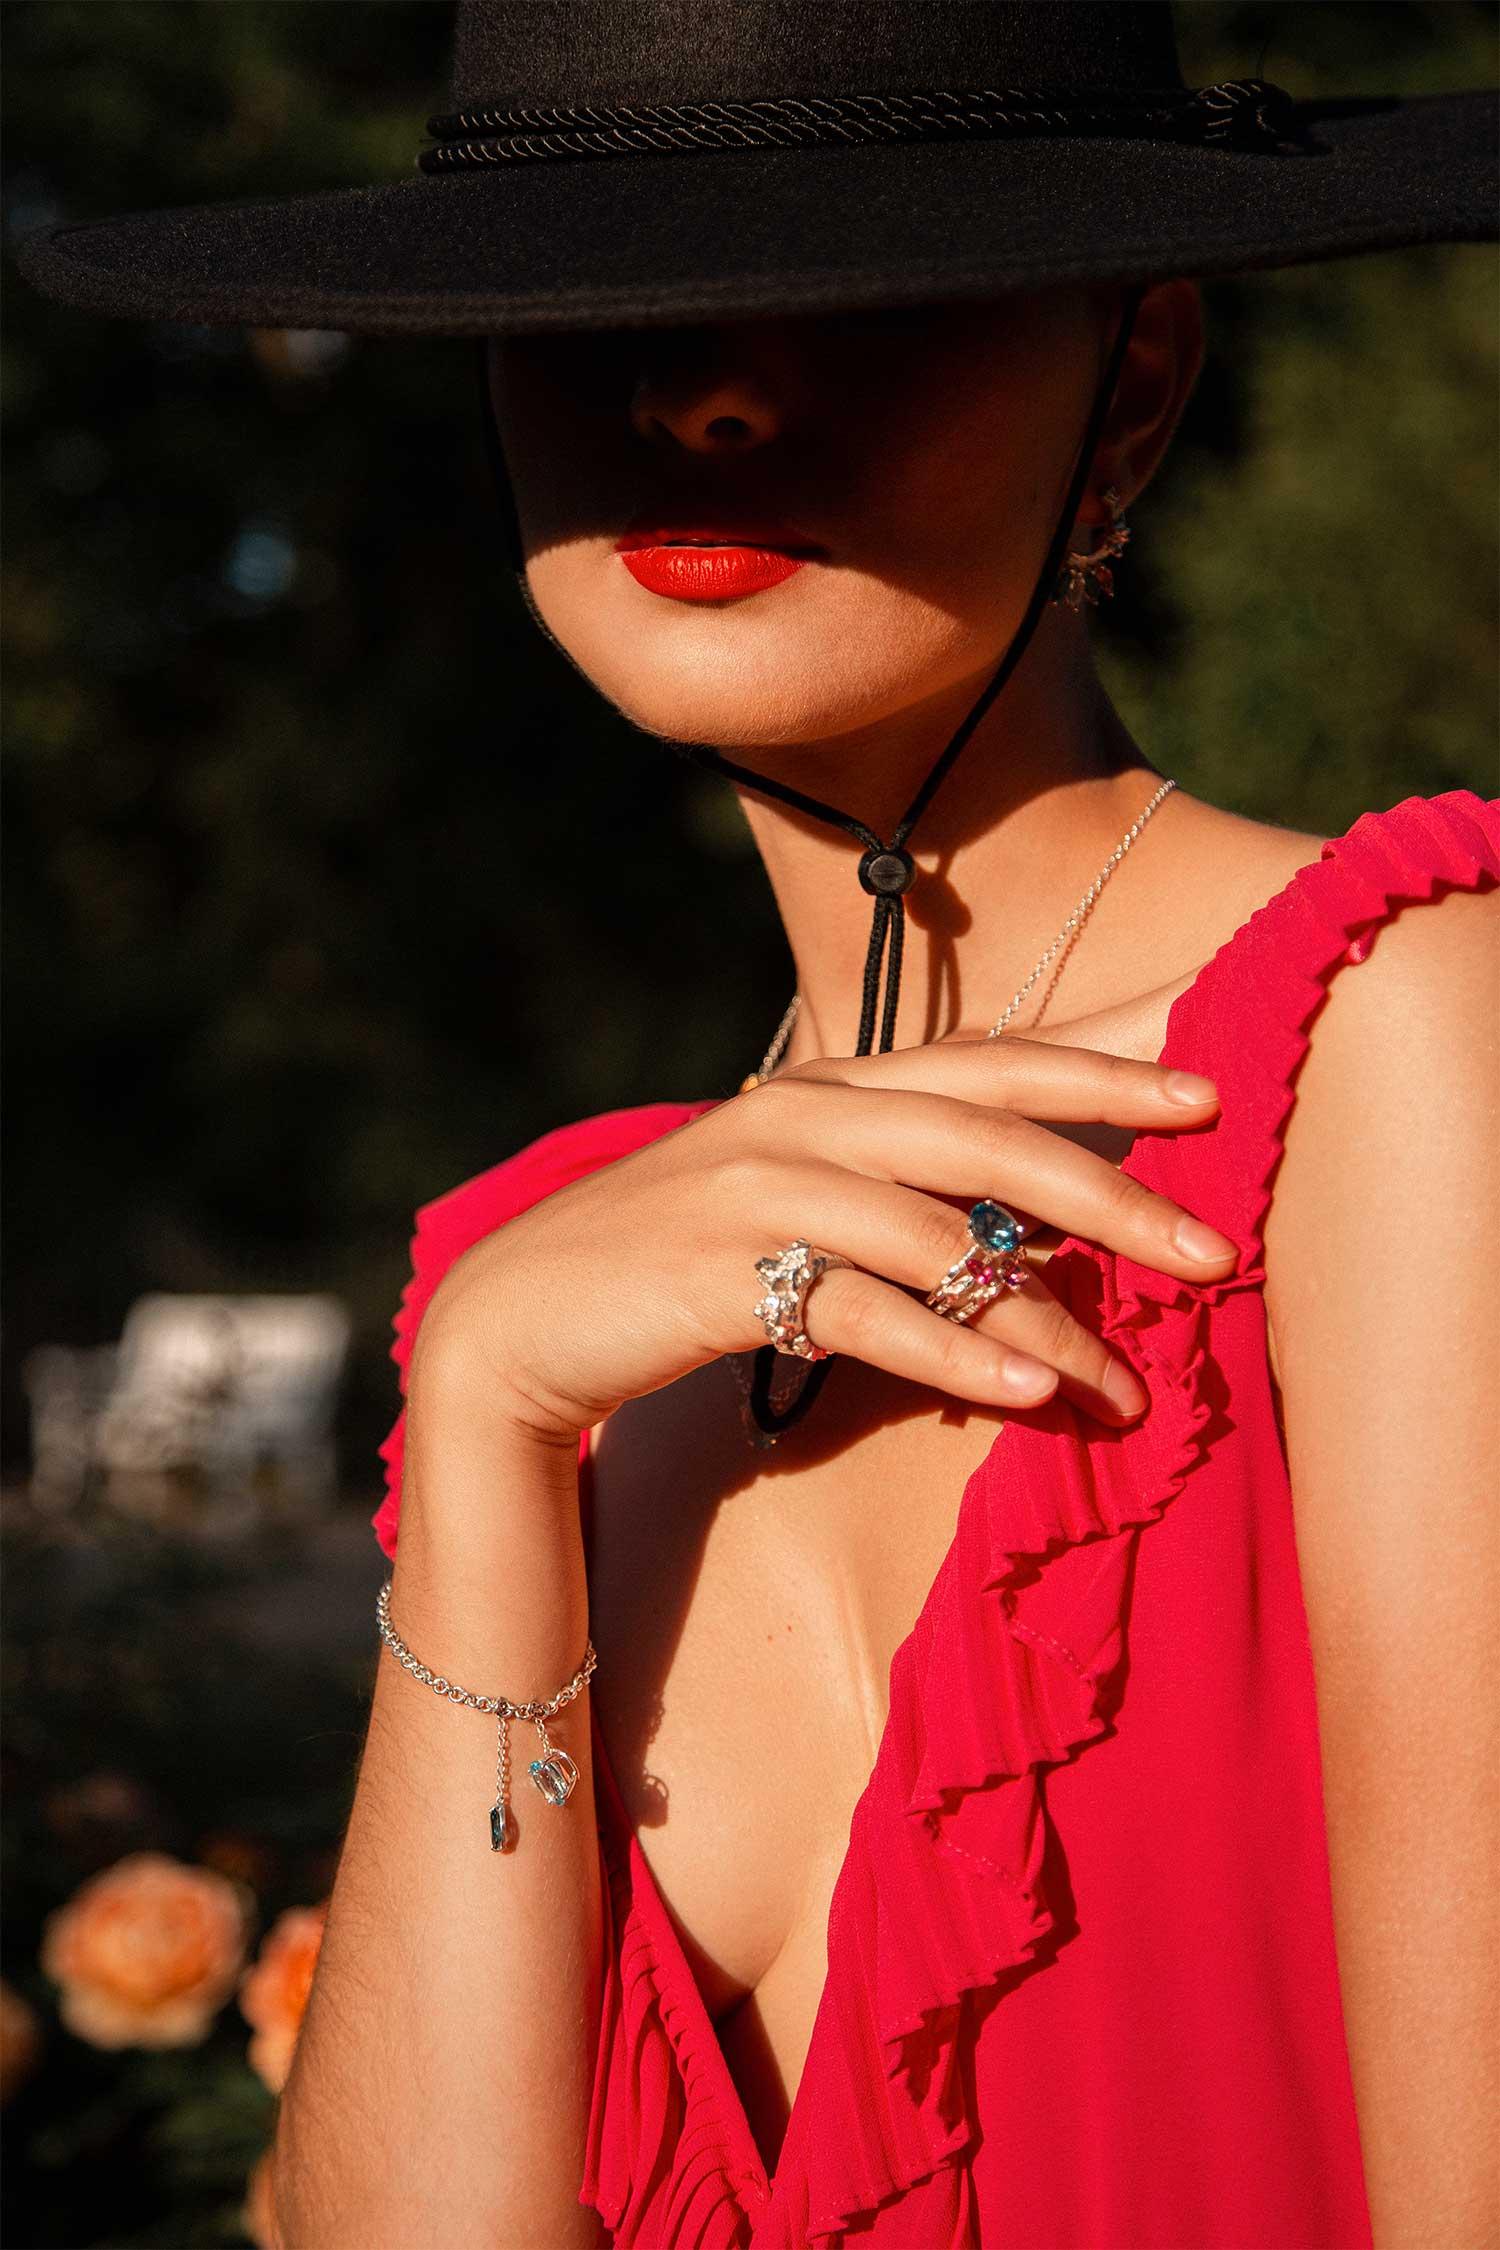 ZYDRUNE Jewellery Western Mademoiselle Blog Post. Model wearing Celestial jewellery. Lookbook12.